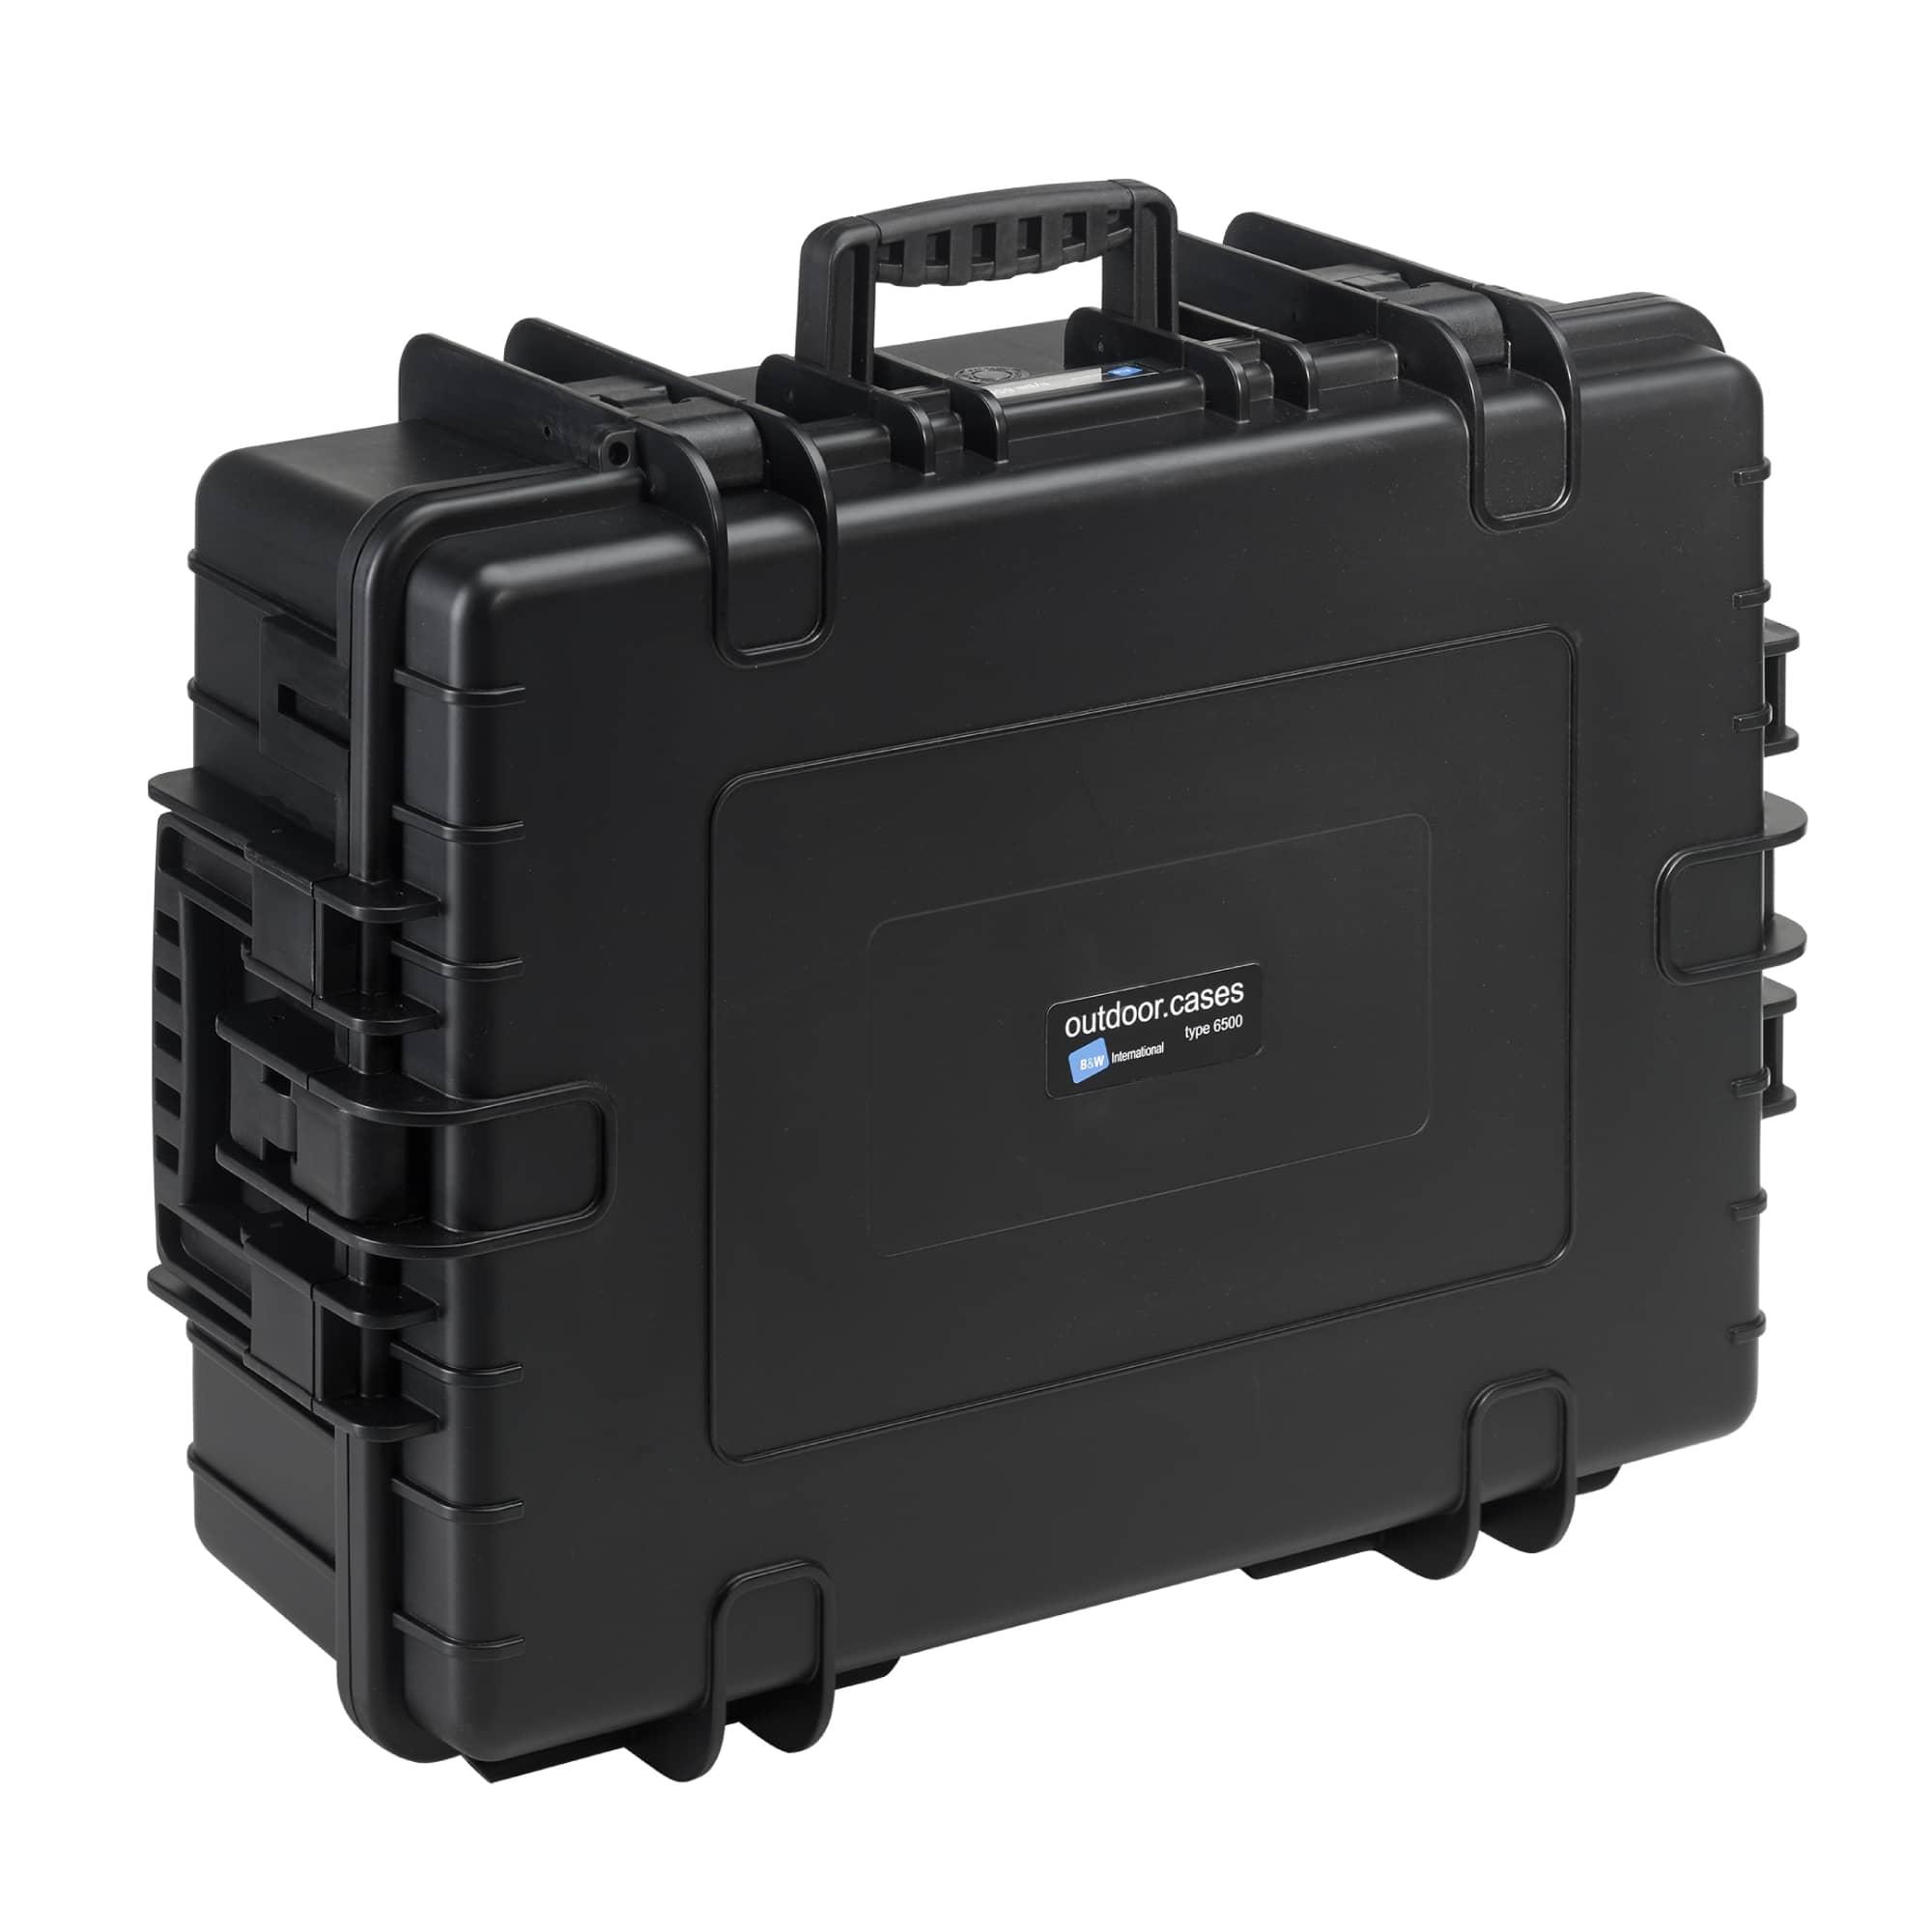 B&W Outdoor Case Typ 6500